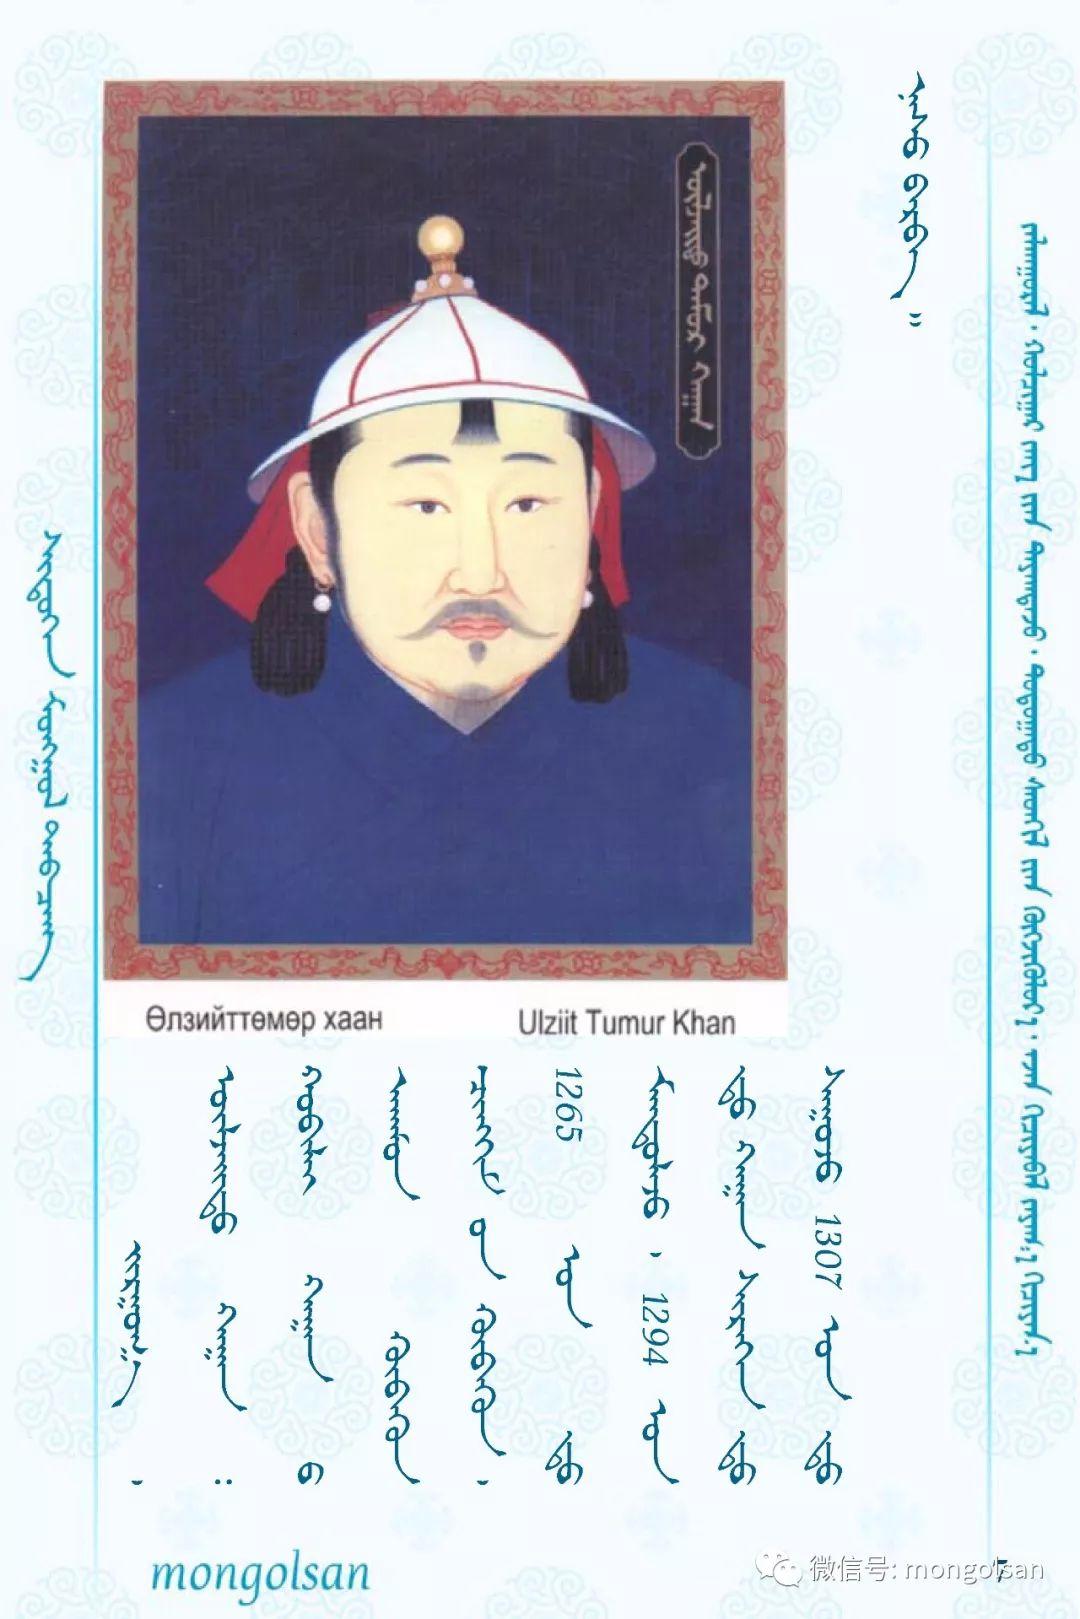 【关注】蒙古皇帝列表 第7张